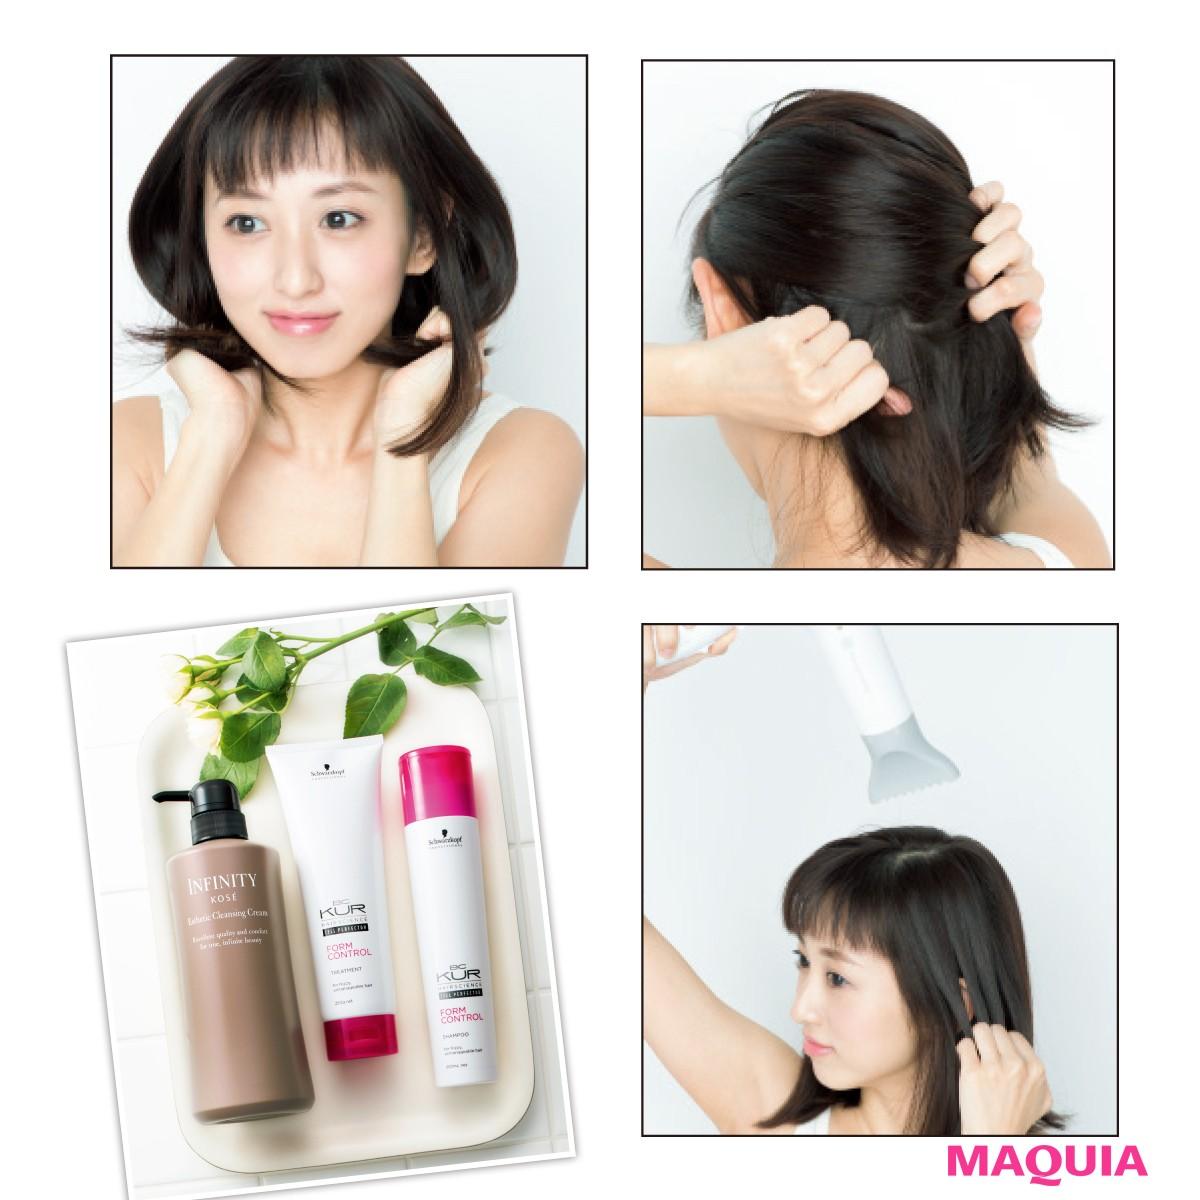 髪のうねりはこれで解決! 梅雨時のケア~スタイリング方法を徹底レクチャー